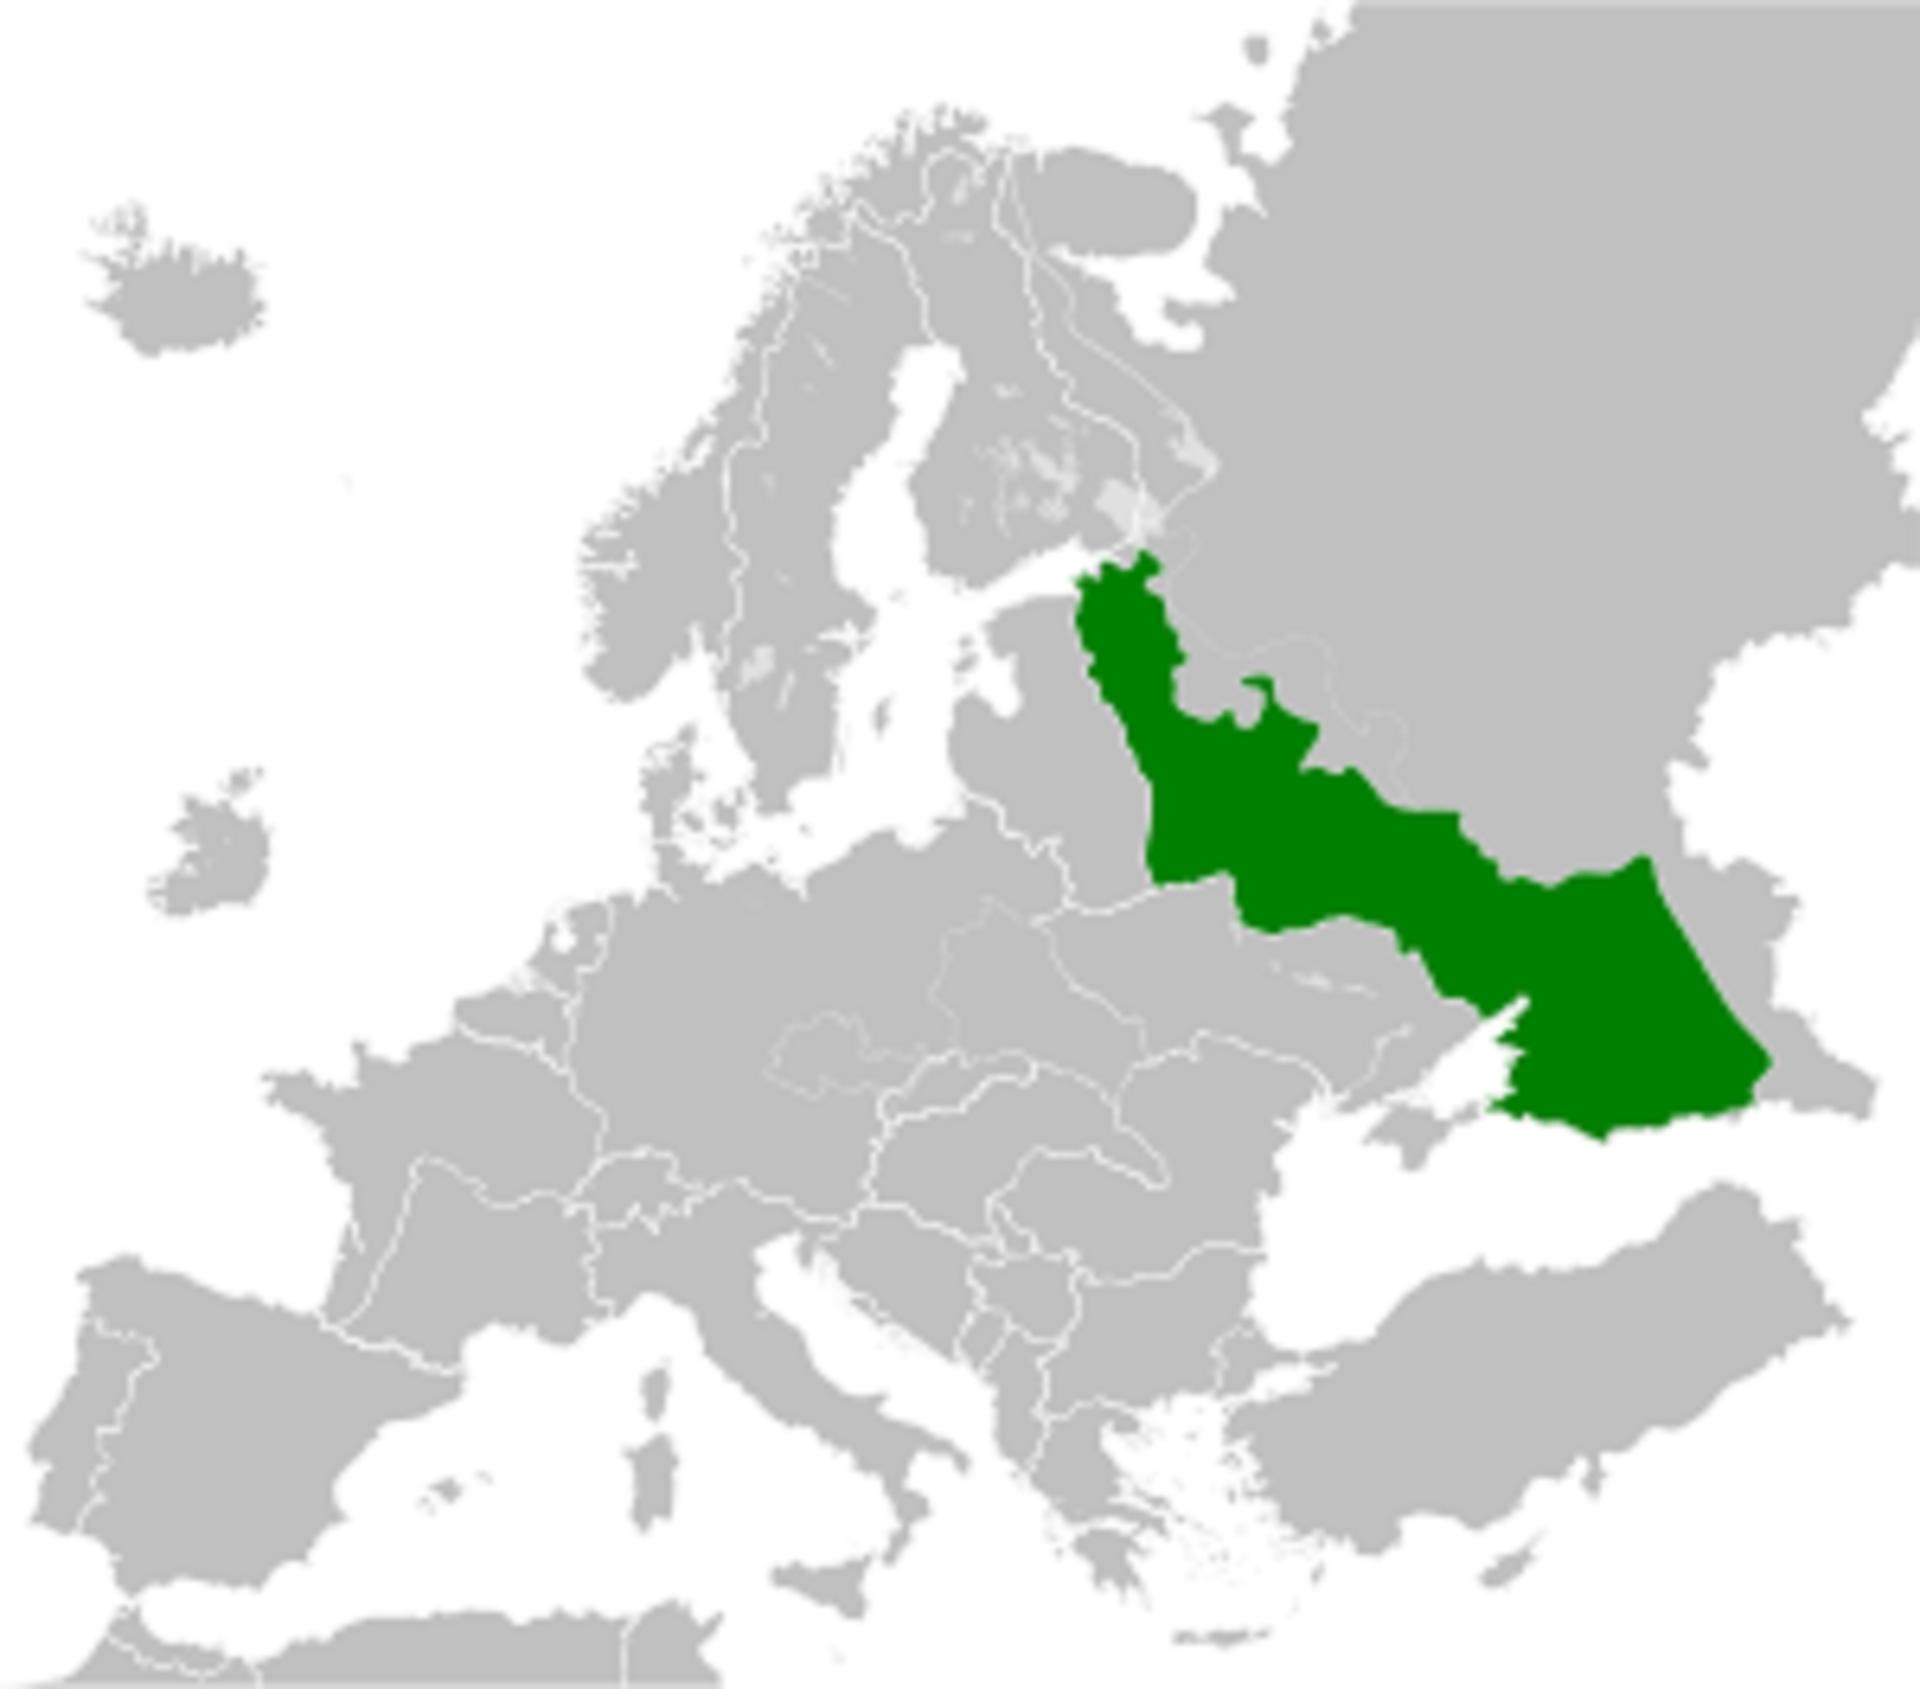 Mapa mostrando los territorios que habrían formado el Reichskommissariat Moskowien.